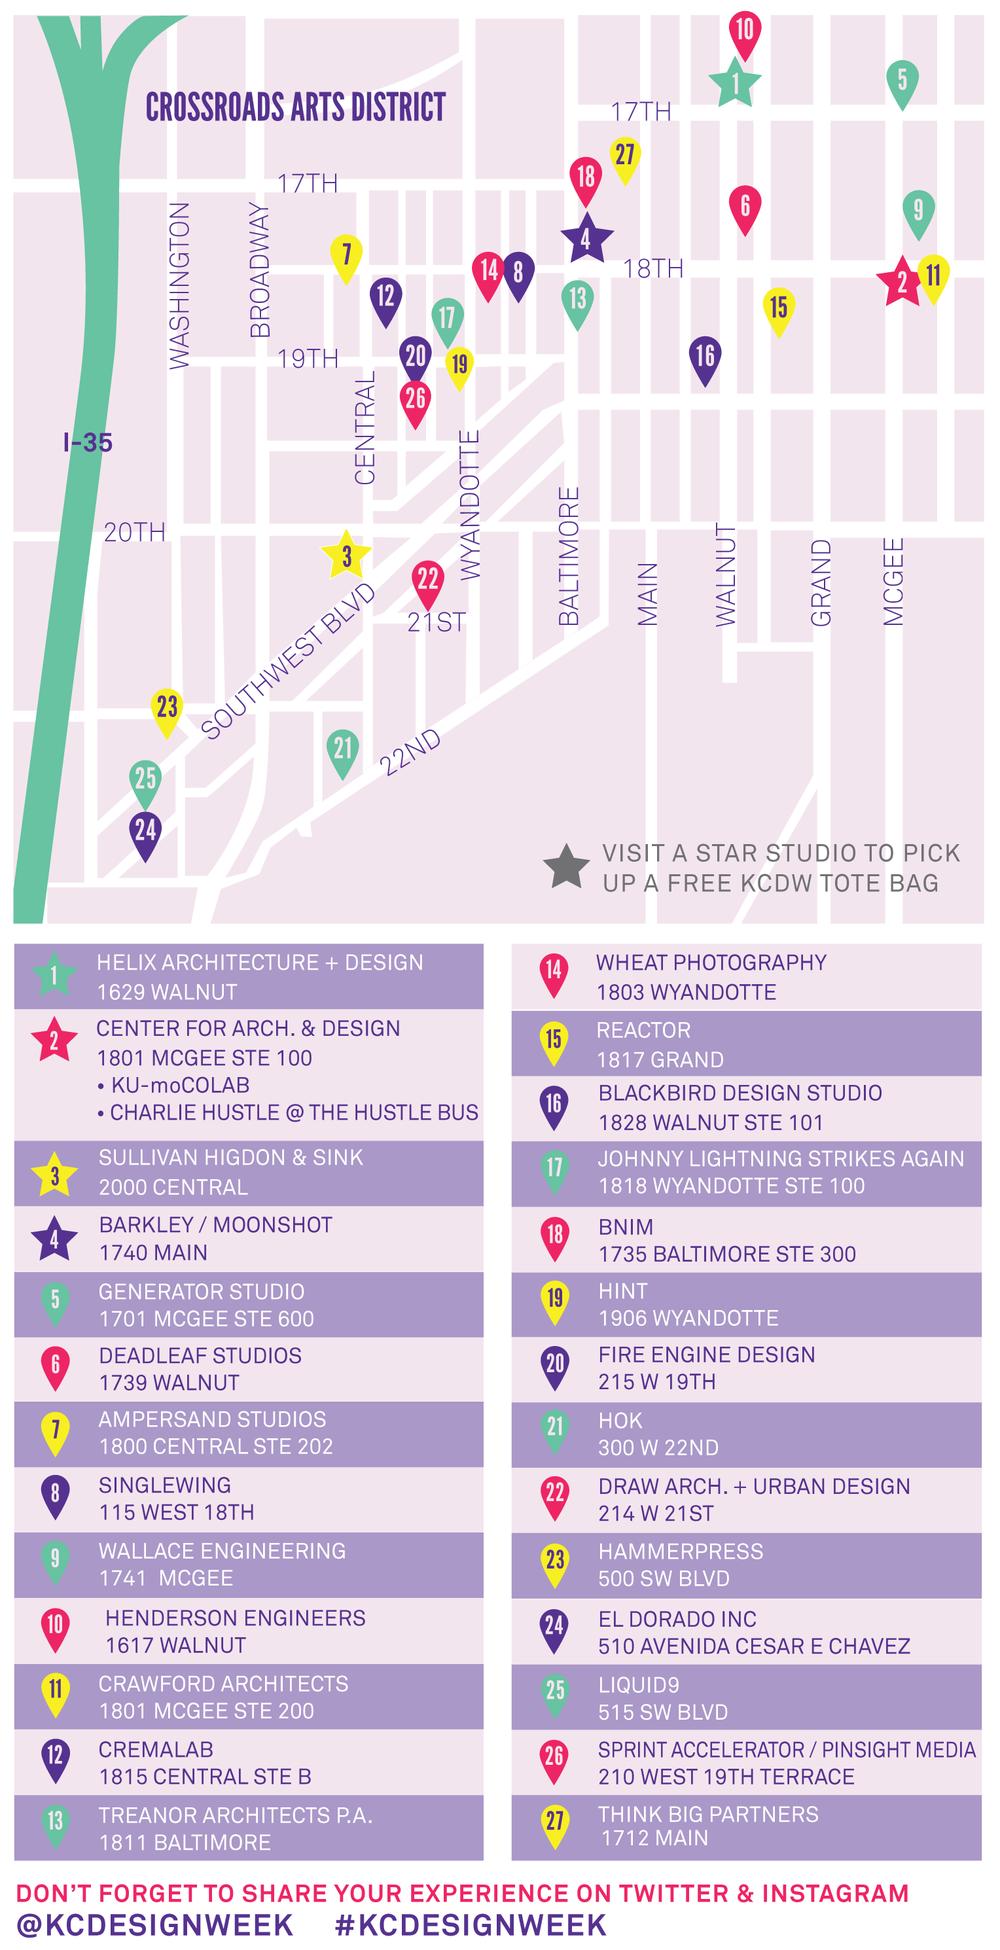 KCDW2015_OPENSTUDIO_MAP